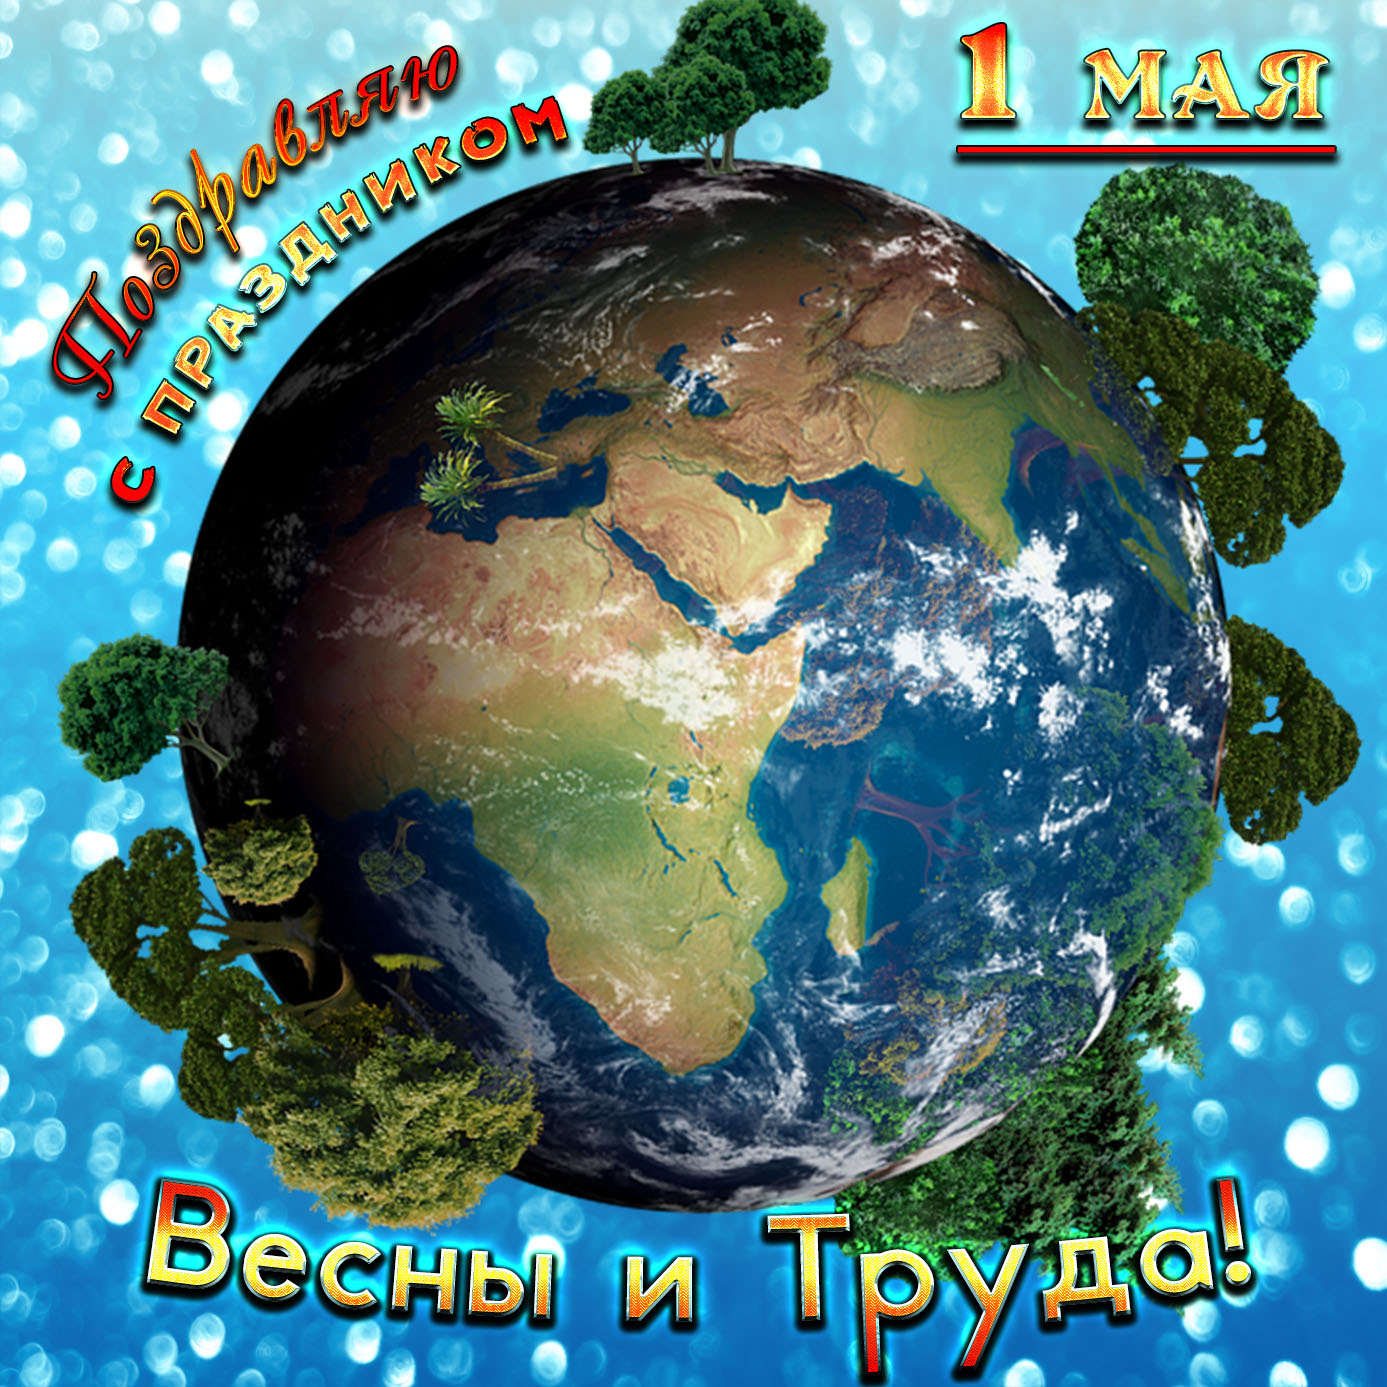 Открытка с видом земли к празднику 1 мая